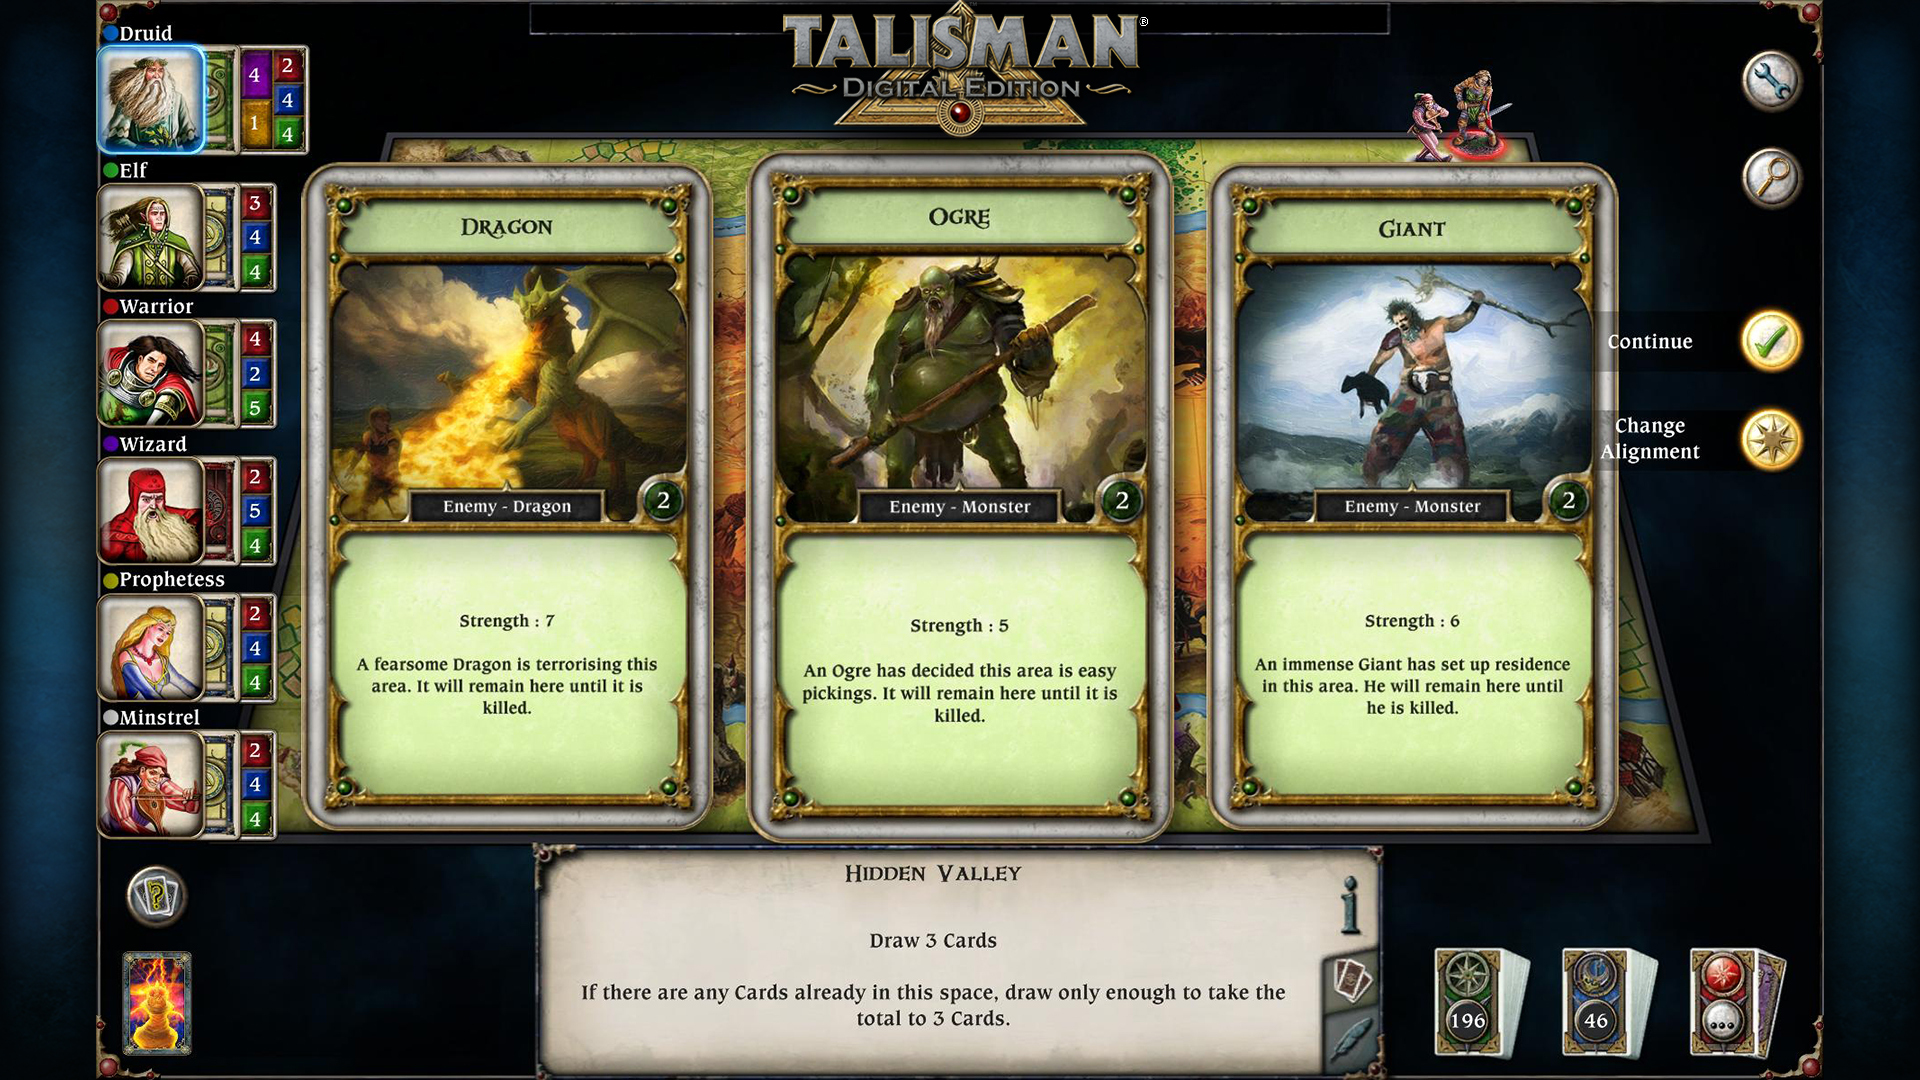 talisman-digital-edition-pc-screenshot-4